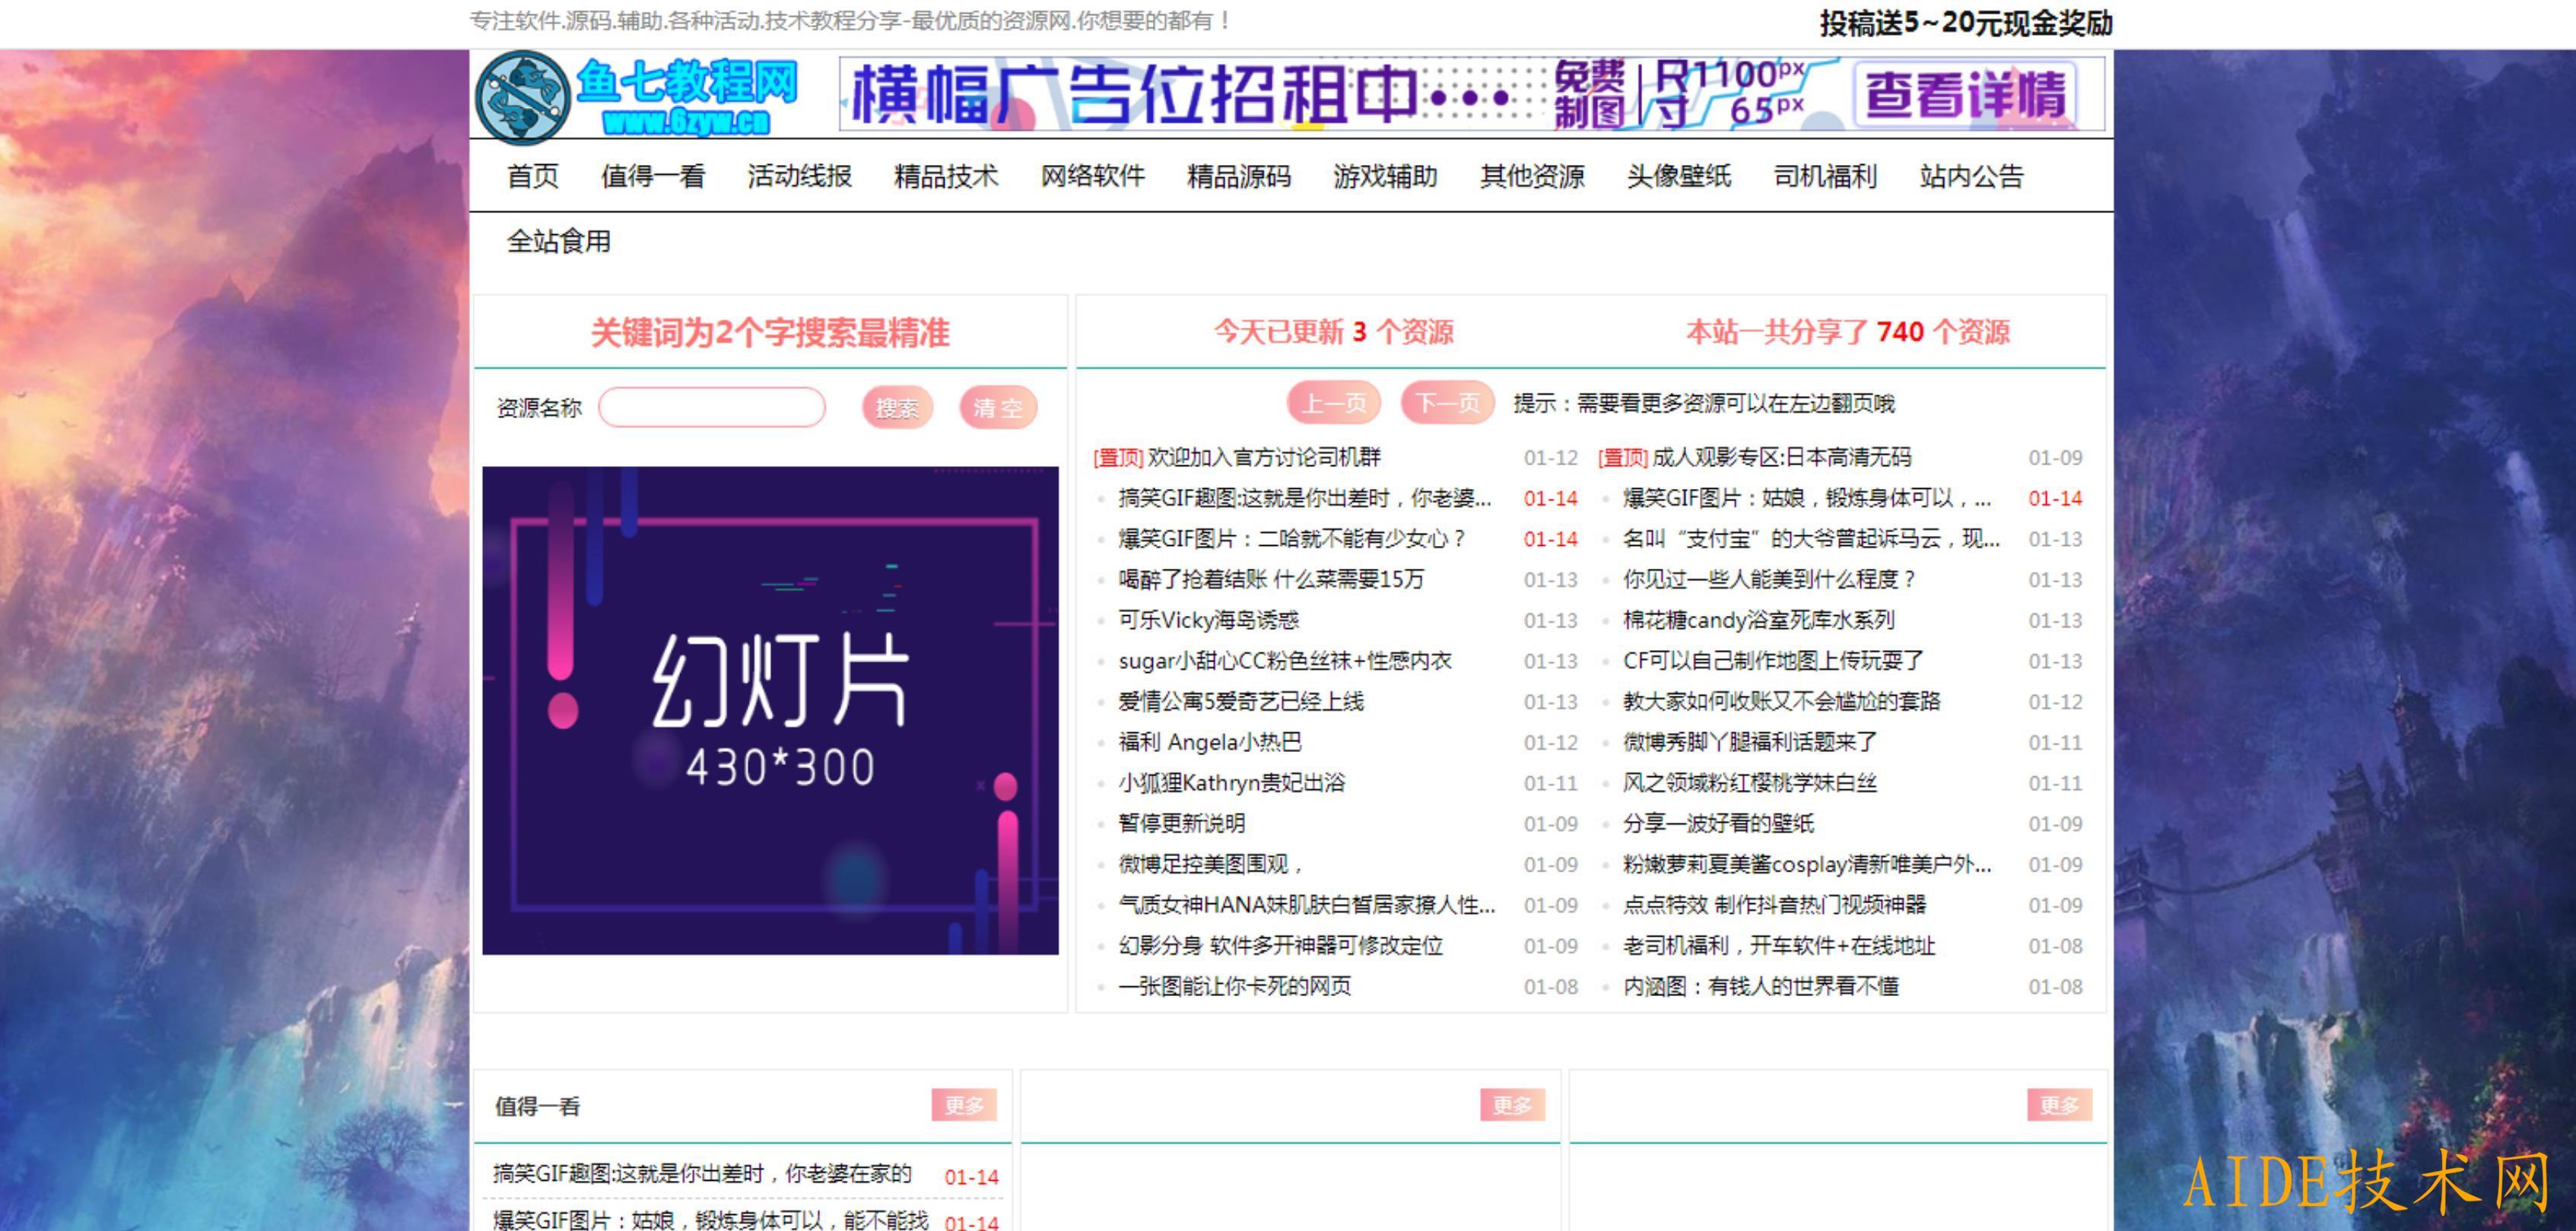 鱼七教程网Emlog粉色资源网模板